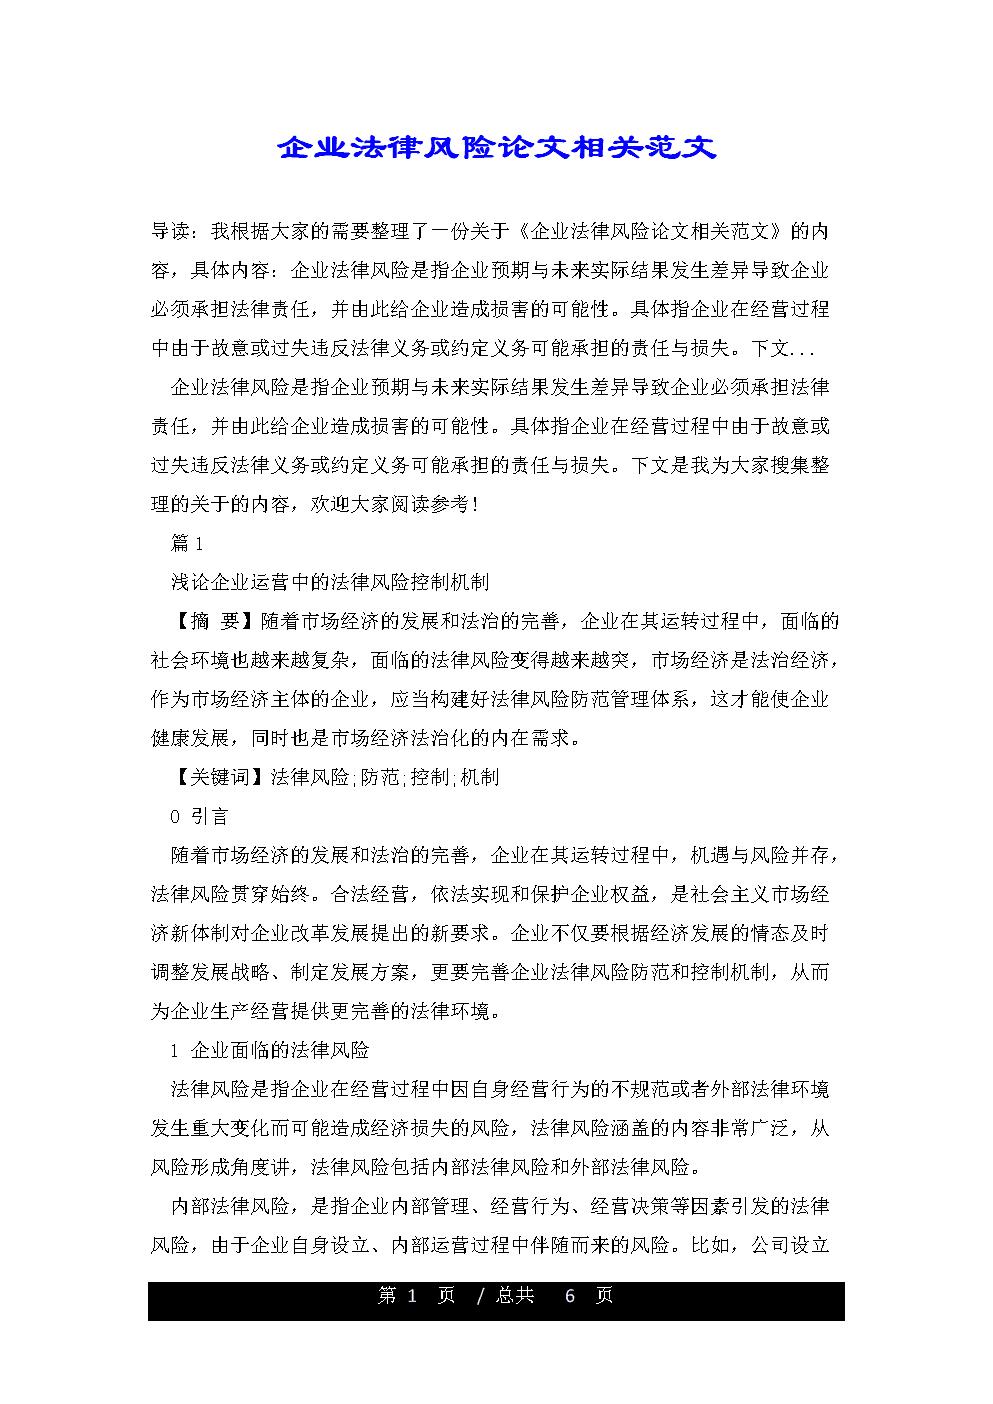 企业法律风险论文相关范文.doc